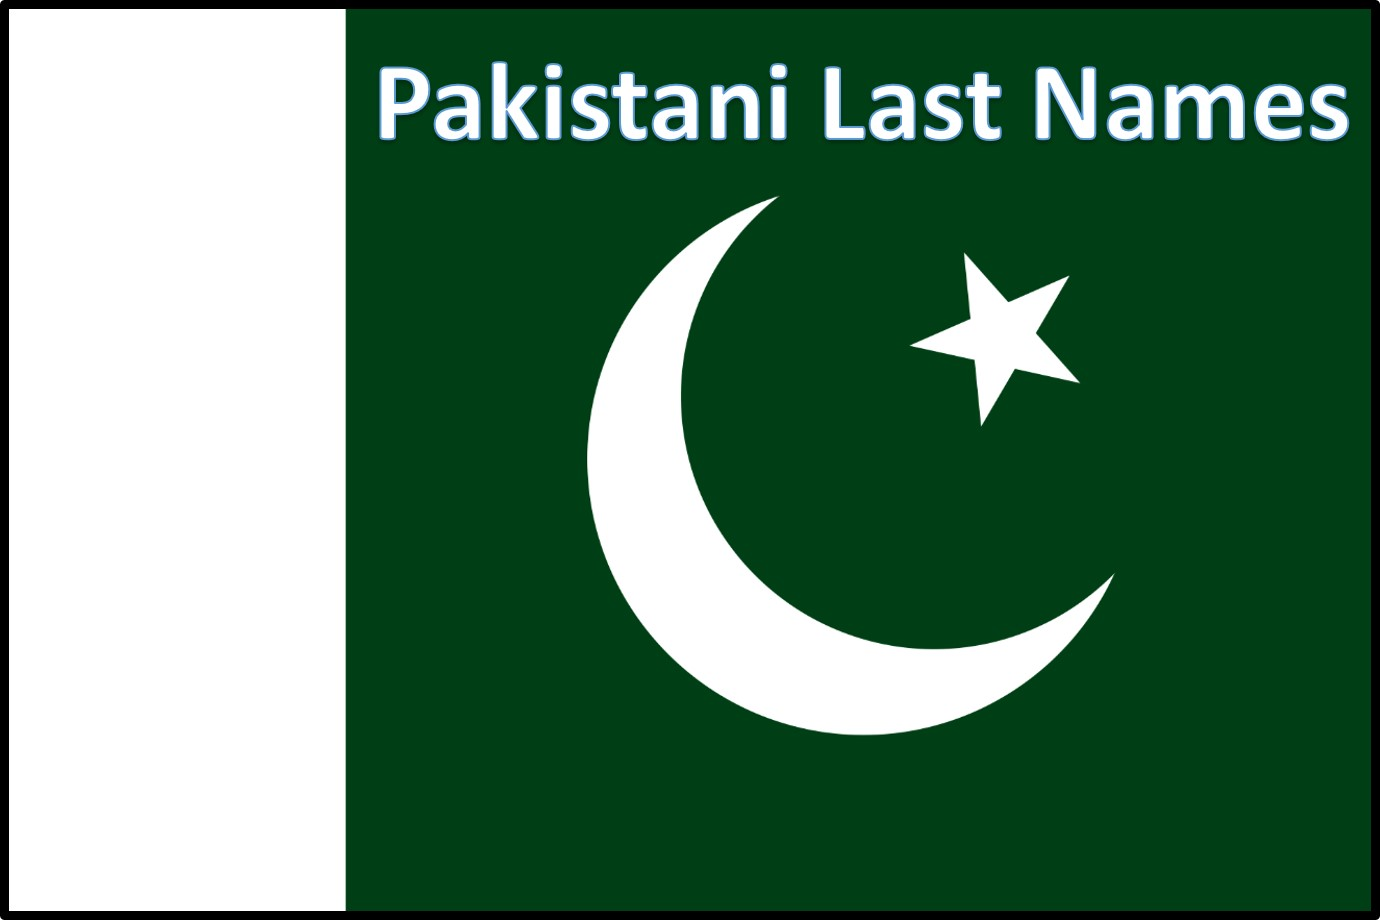 Pakistani Last Names